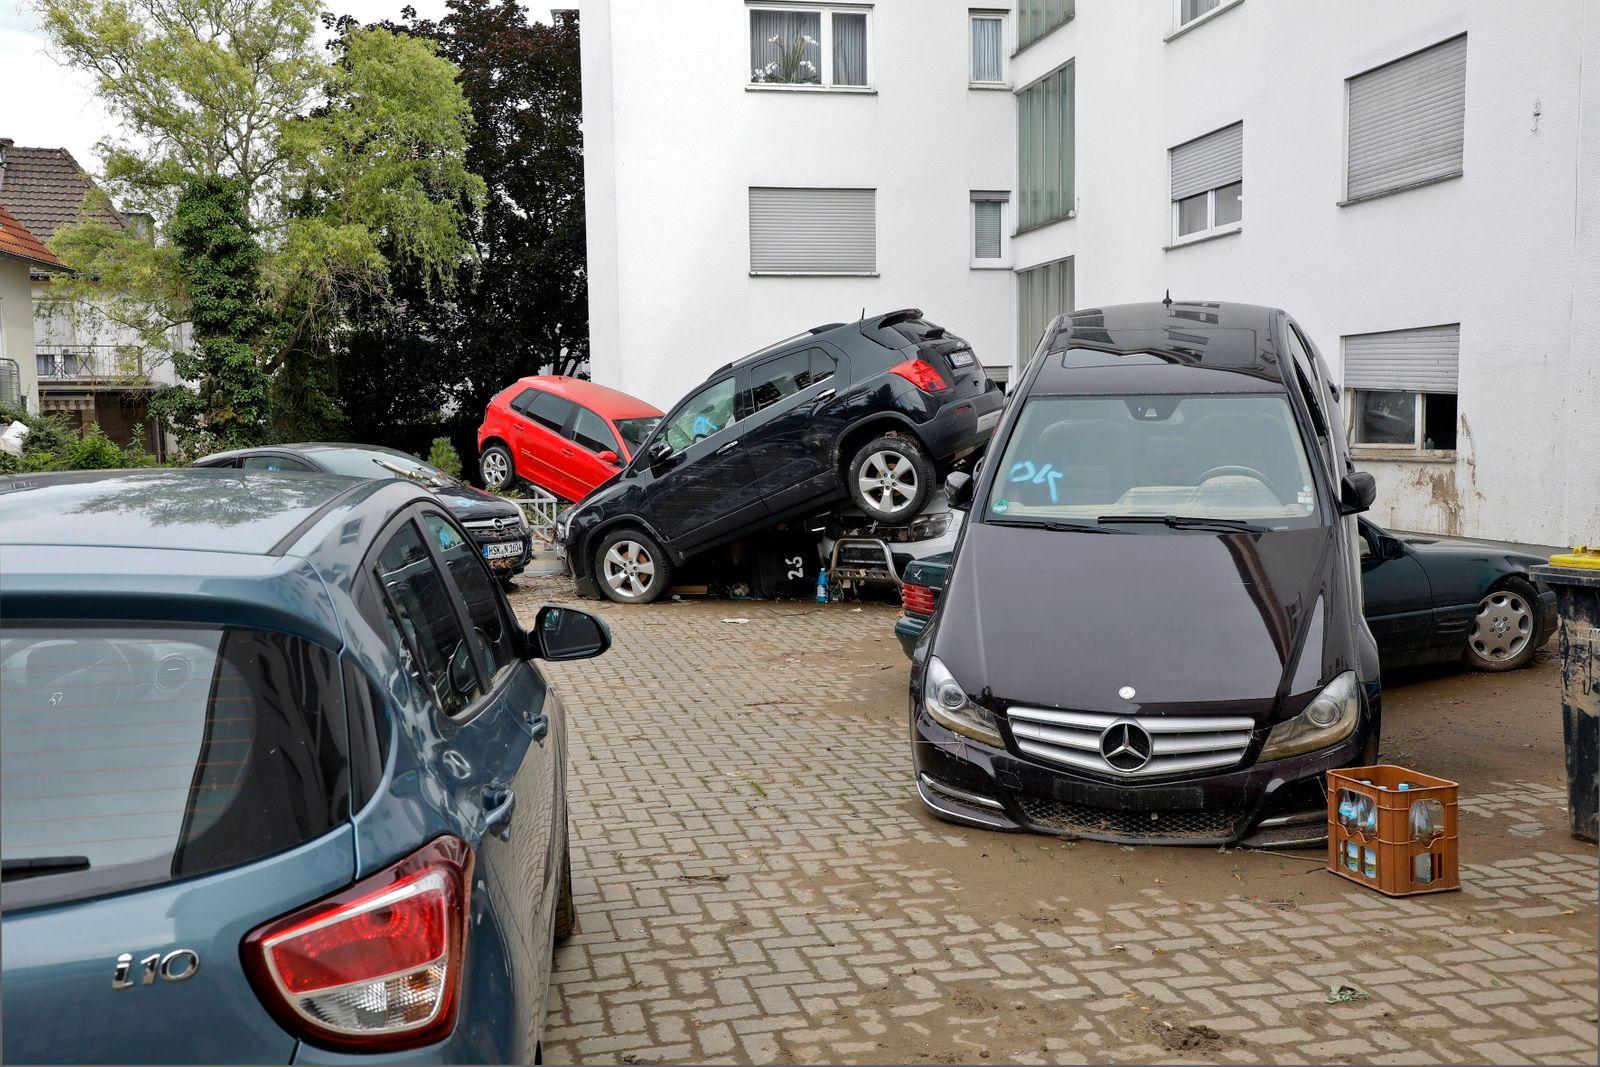 08.08.2021, Bad Neuenahr, Deutschland - Flutkatastrophe im Ahrtal. Foto: Von der Flut zerstoerte Autos in einem Hinterho